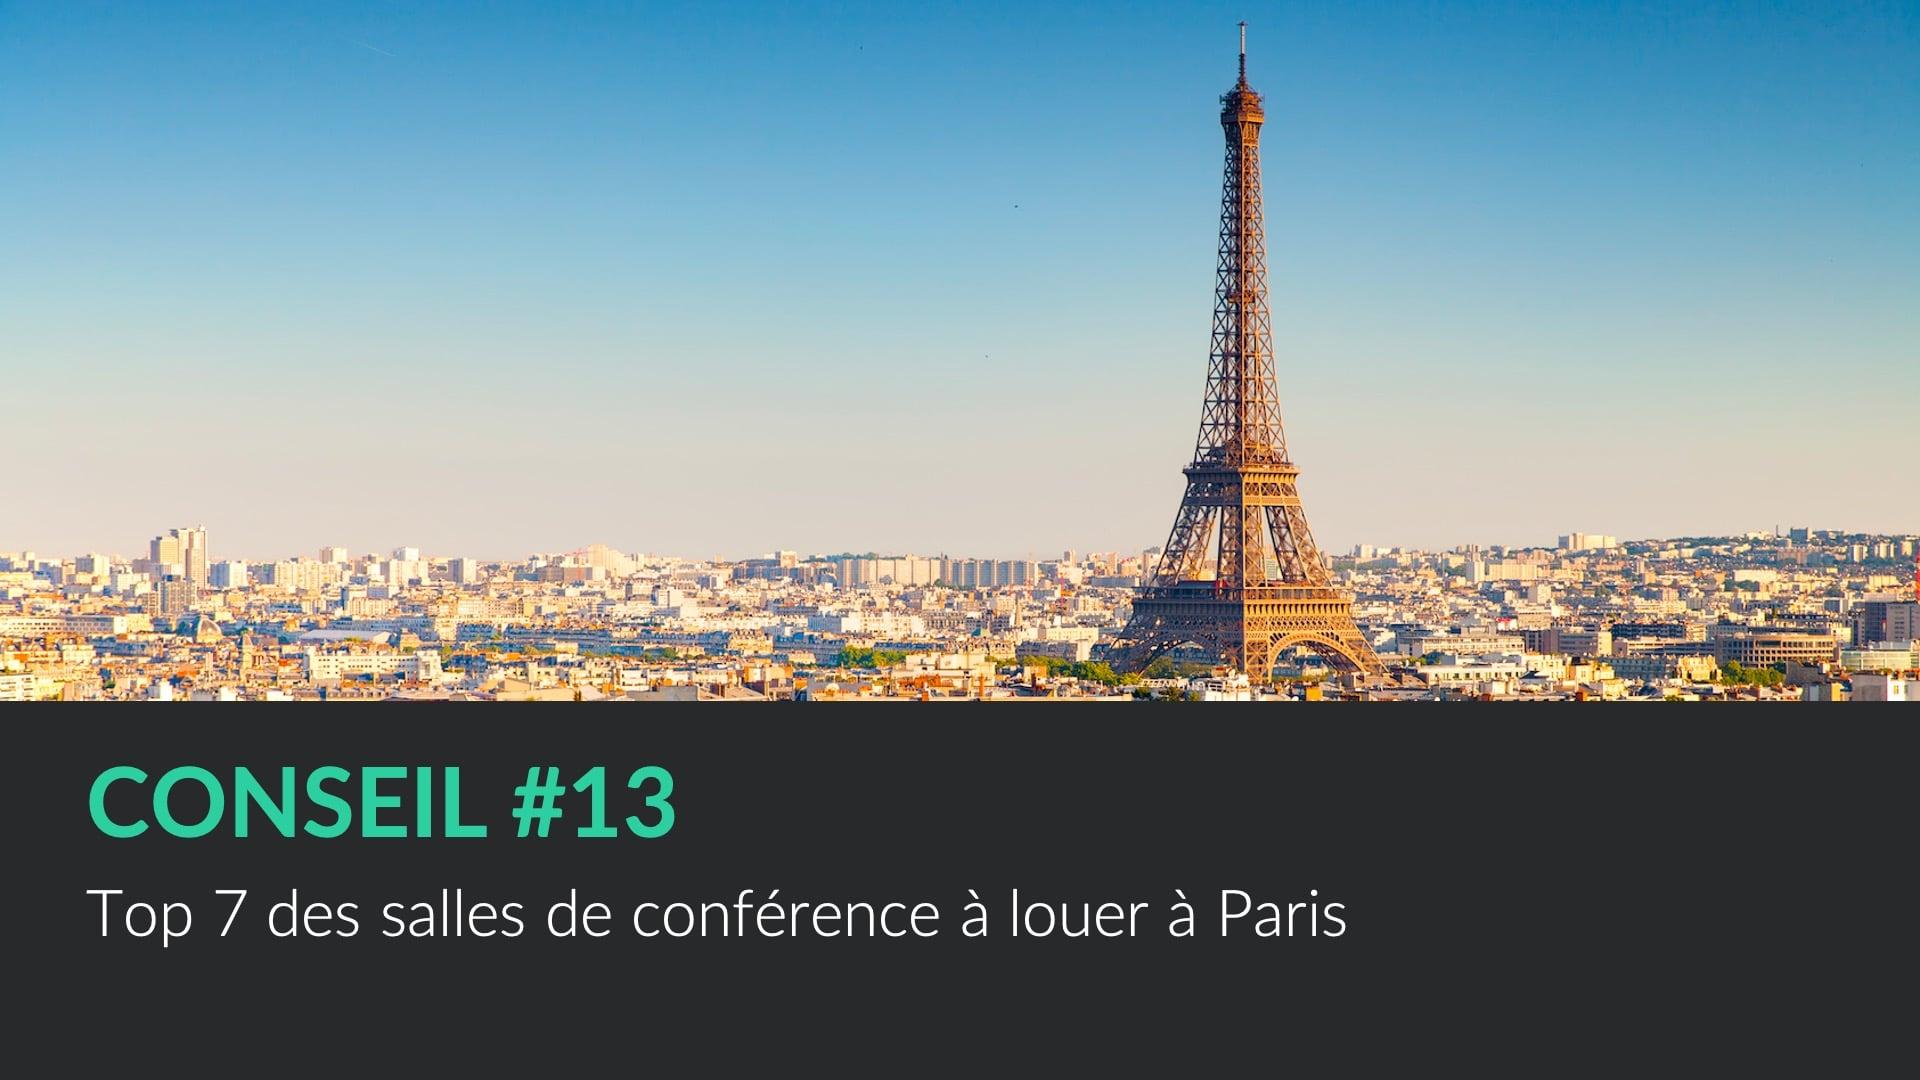 Top 7 des salles de conférence à louer à Paris